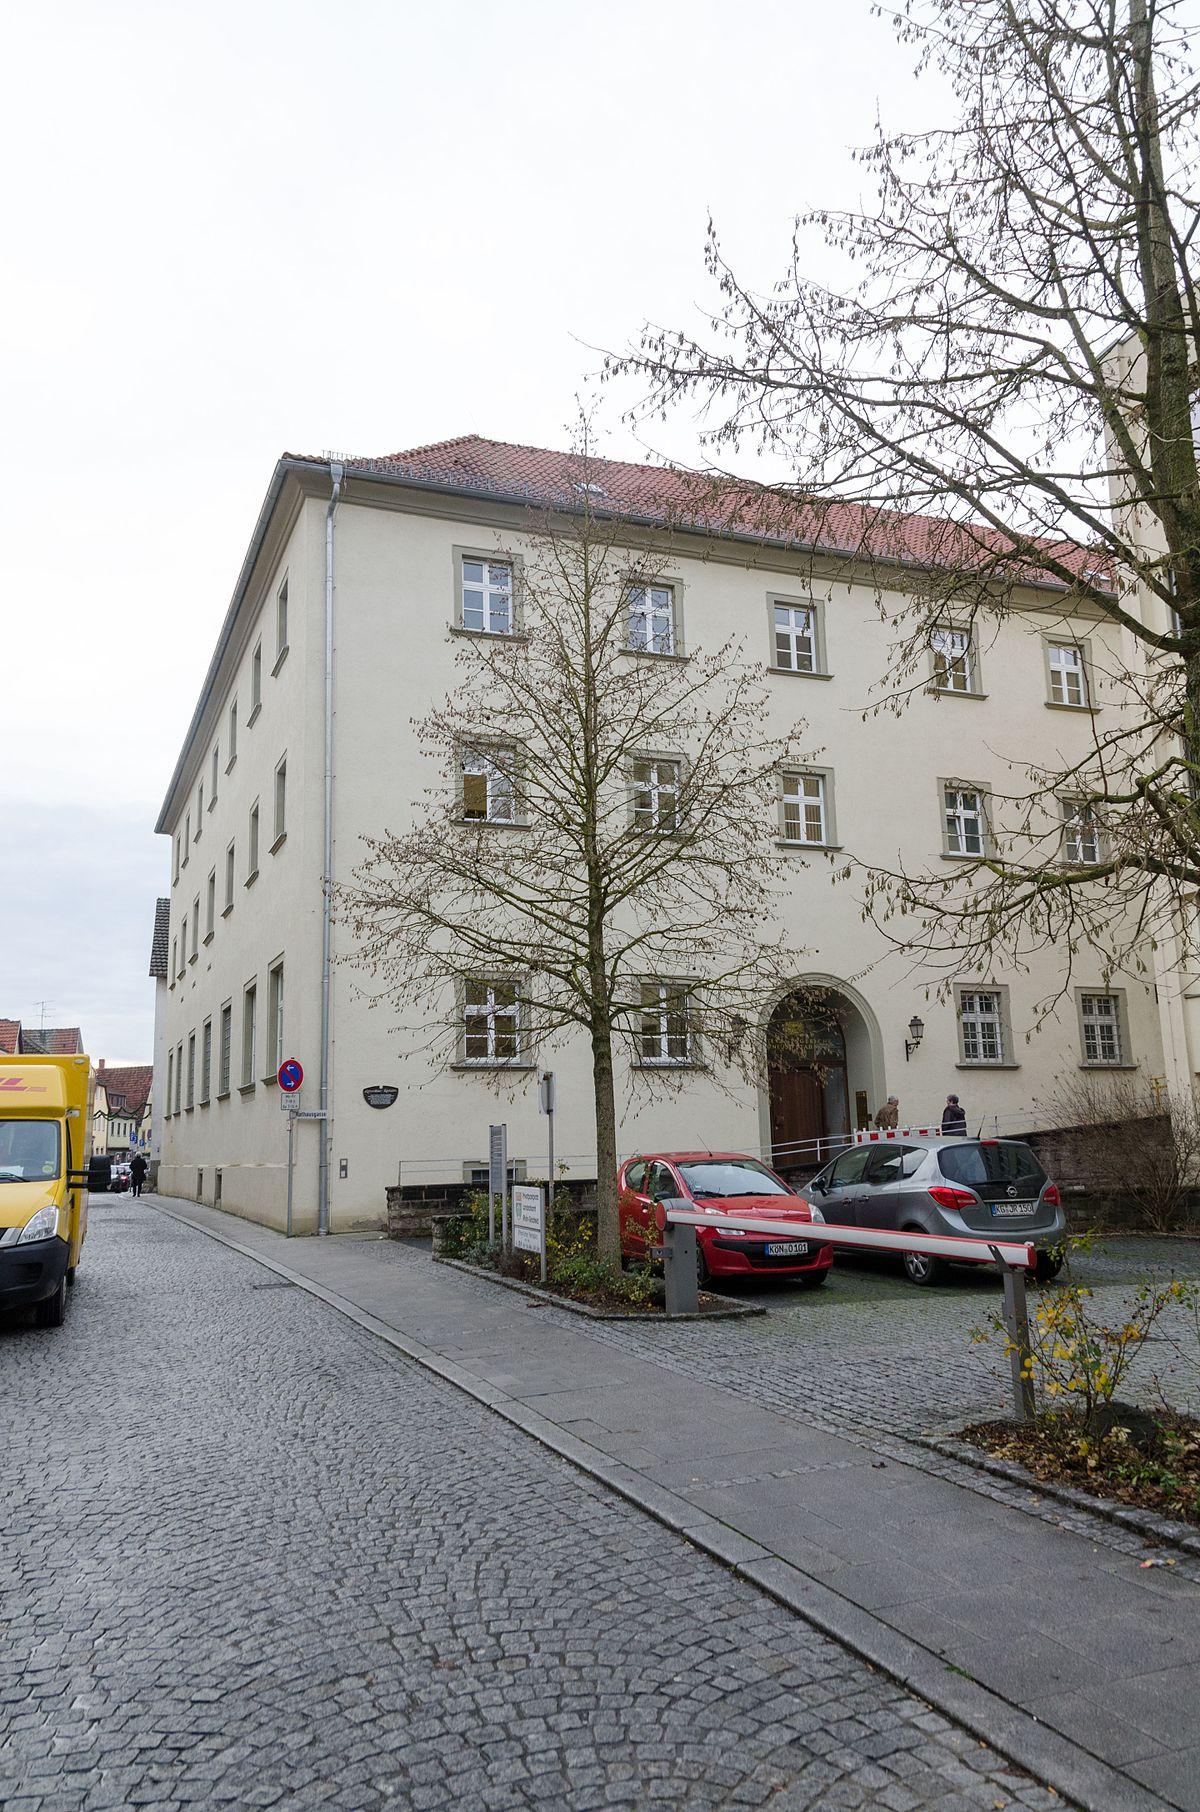 Bad Neustadt singler